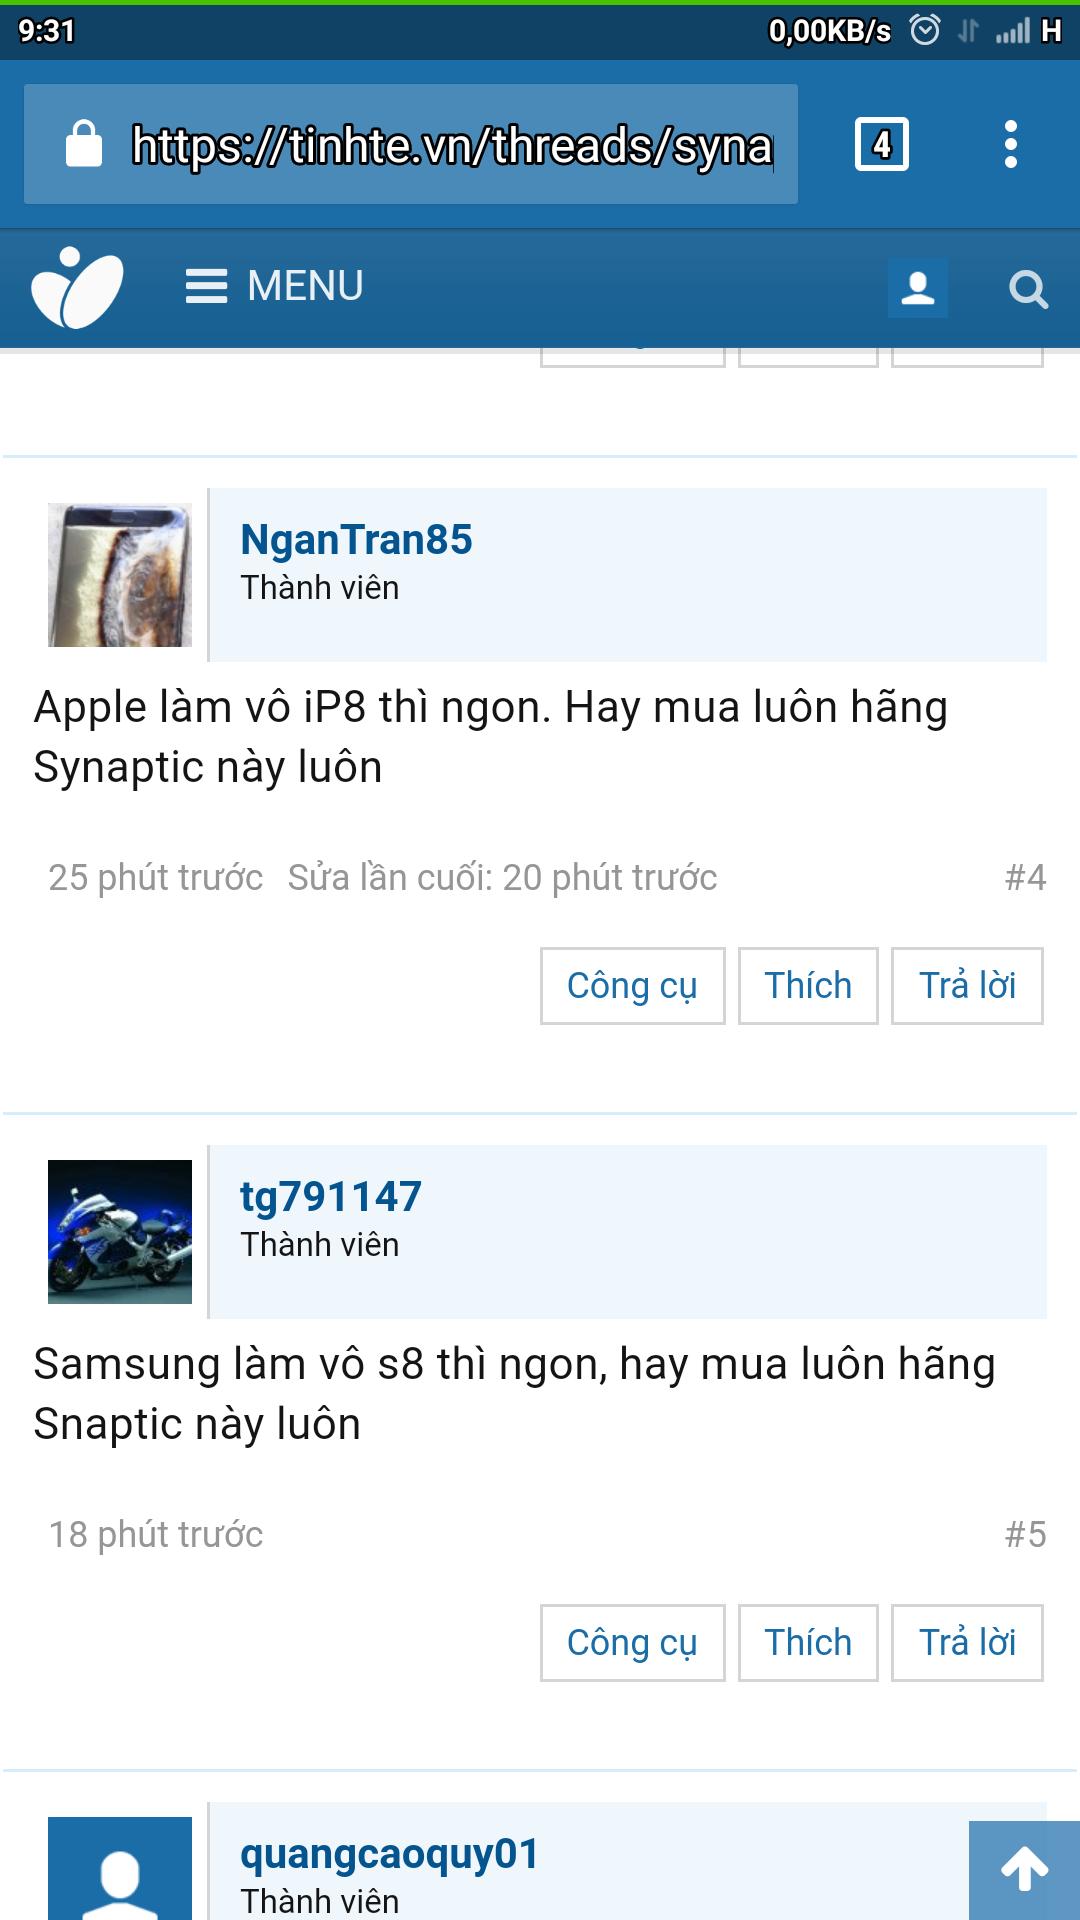 Screenshot_2016-12-14-09-31-42-358_com.android.chrome.png